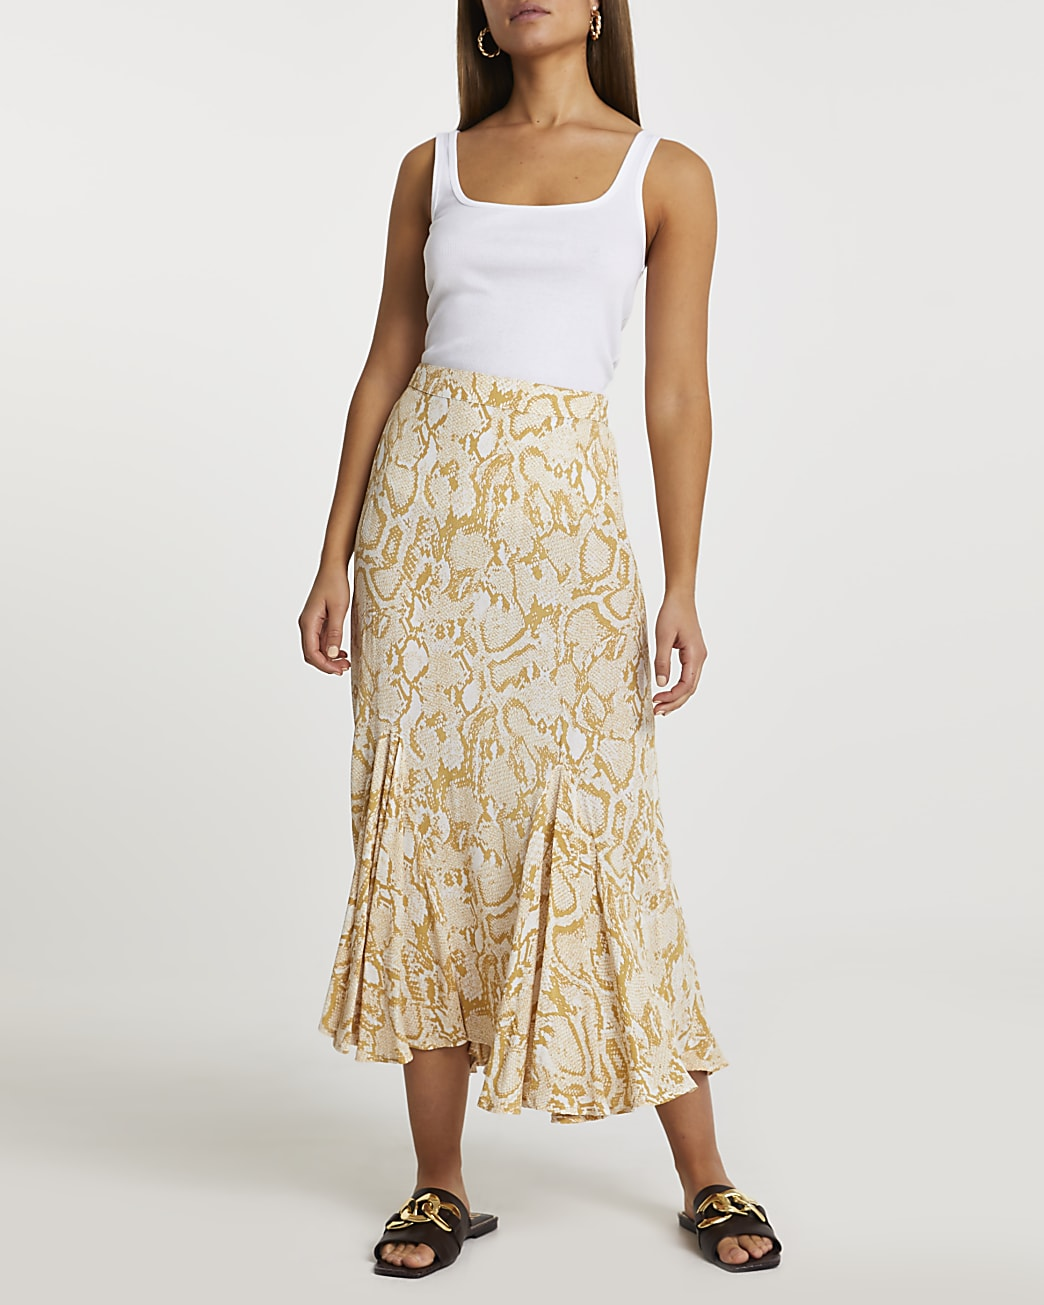 Yellow snake print hanky hem skirt